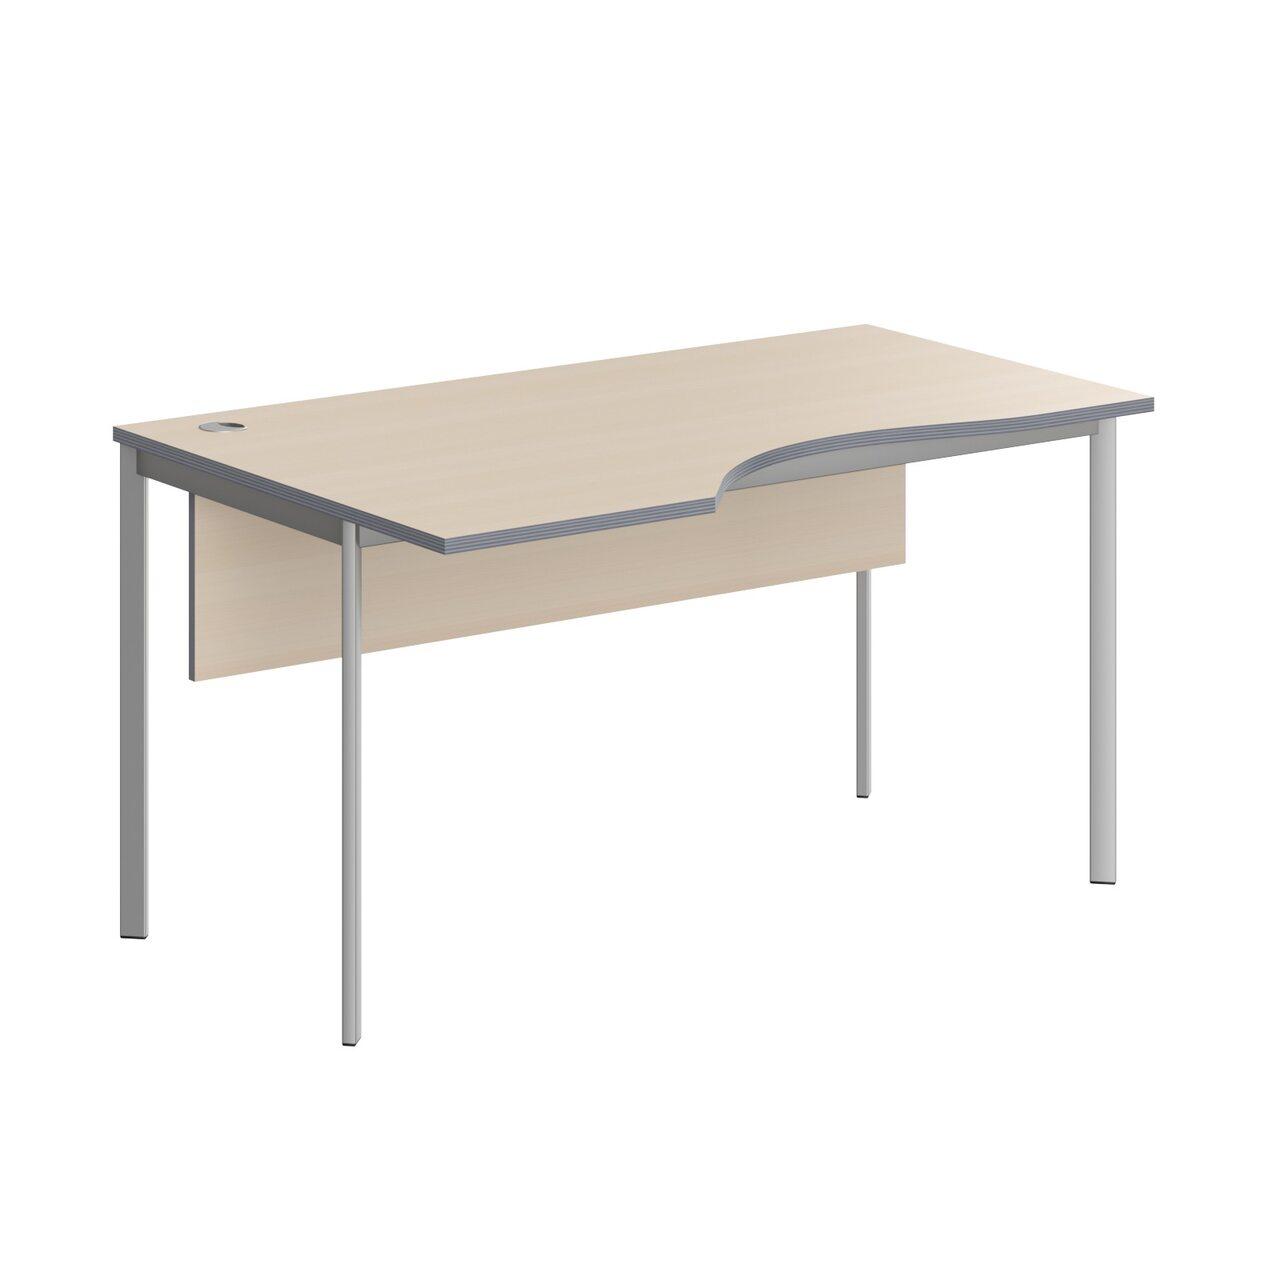 Стол эргономичный с фронтальной панелью  IMAGO-S 140x90x76 - фото 5